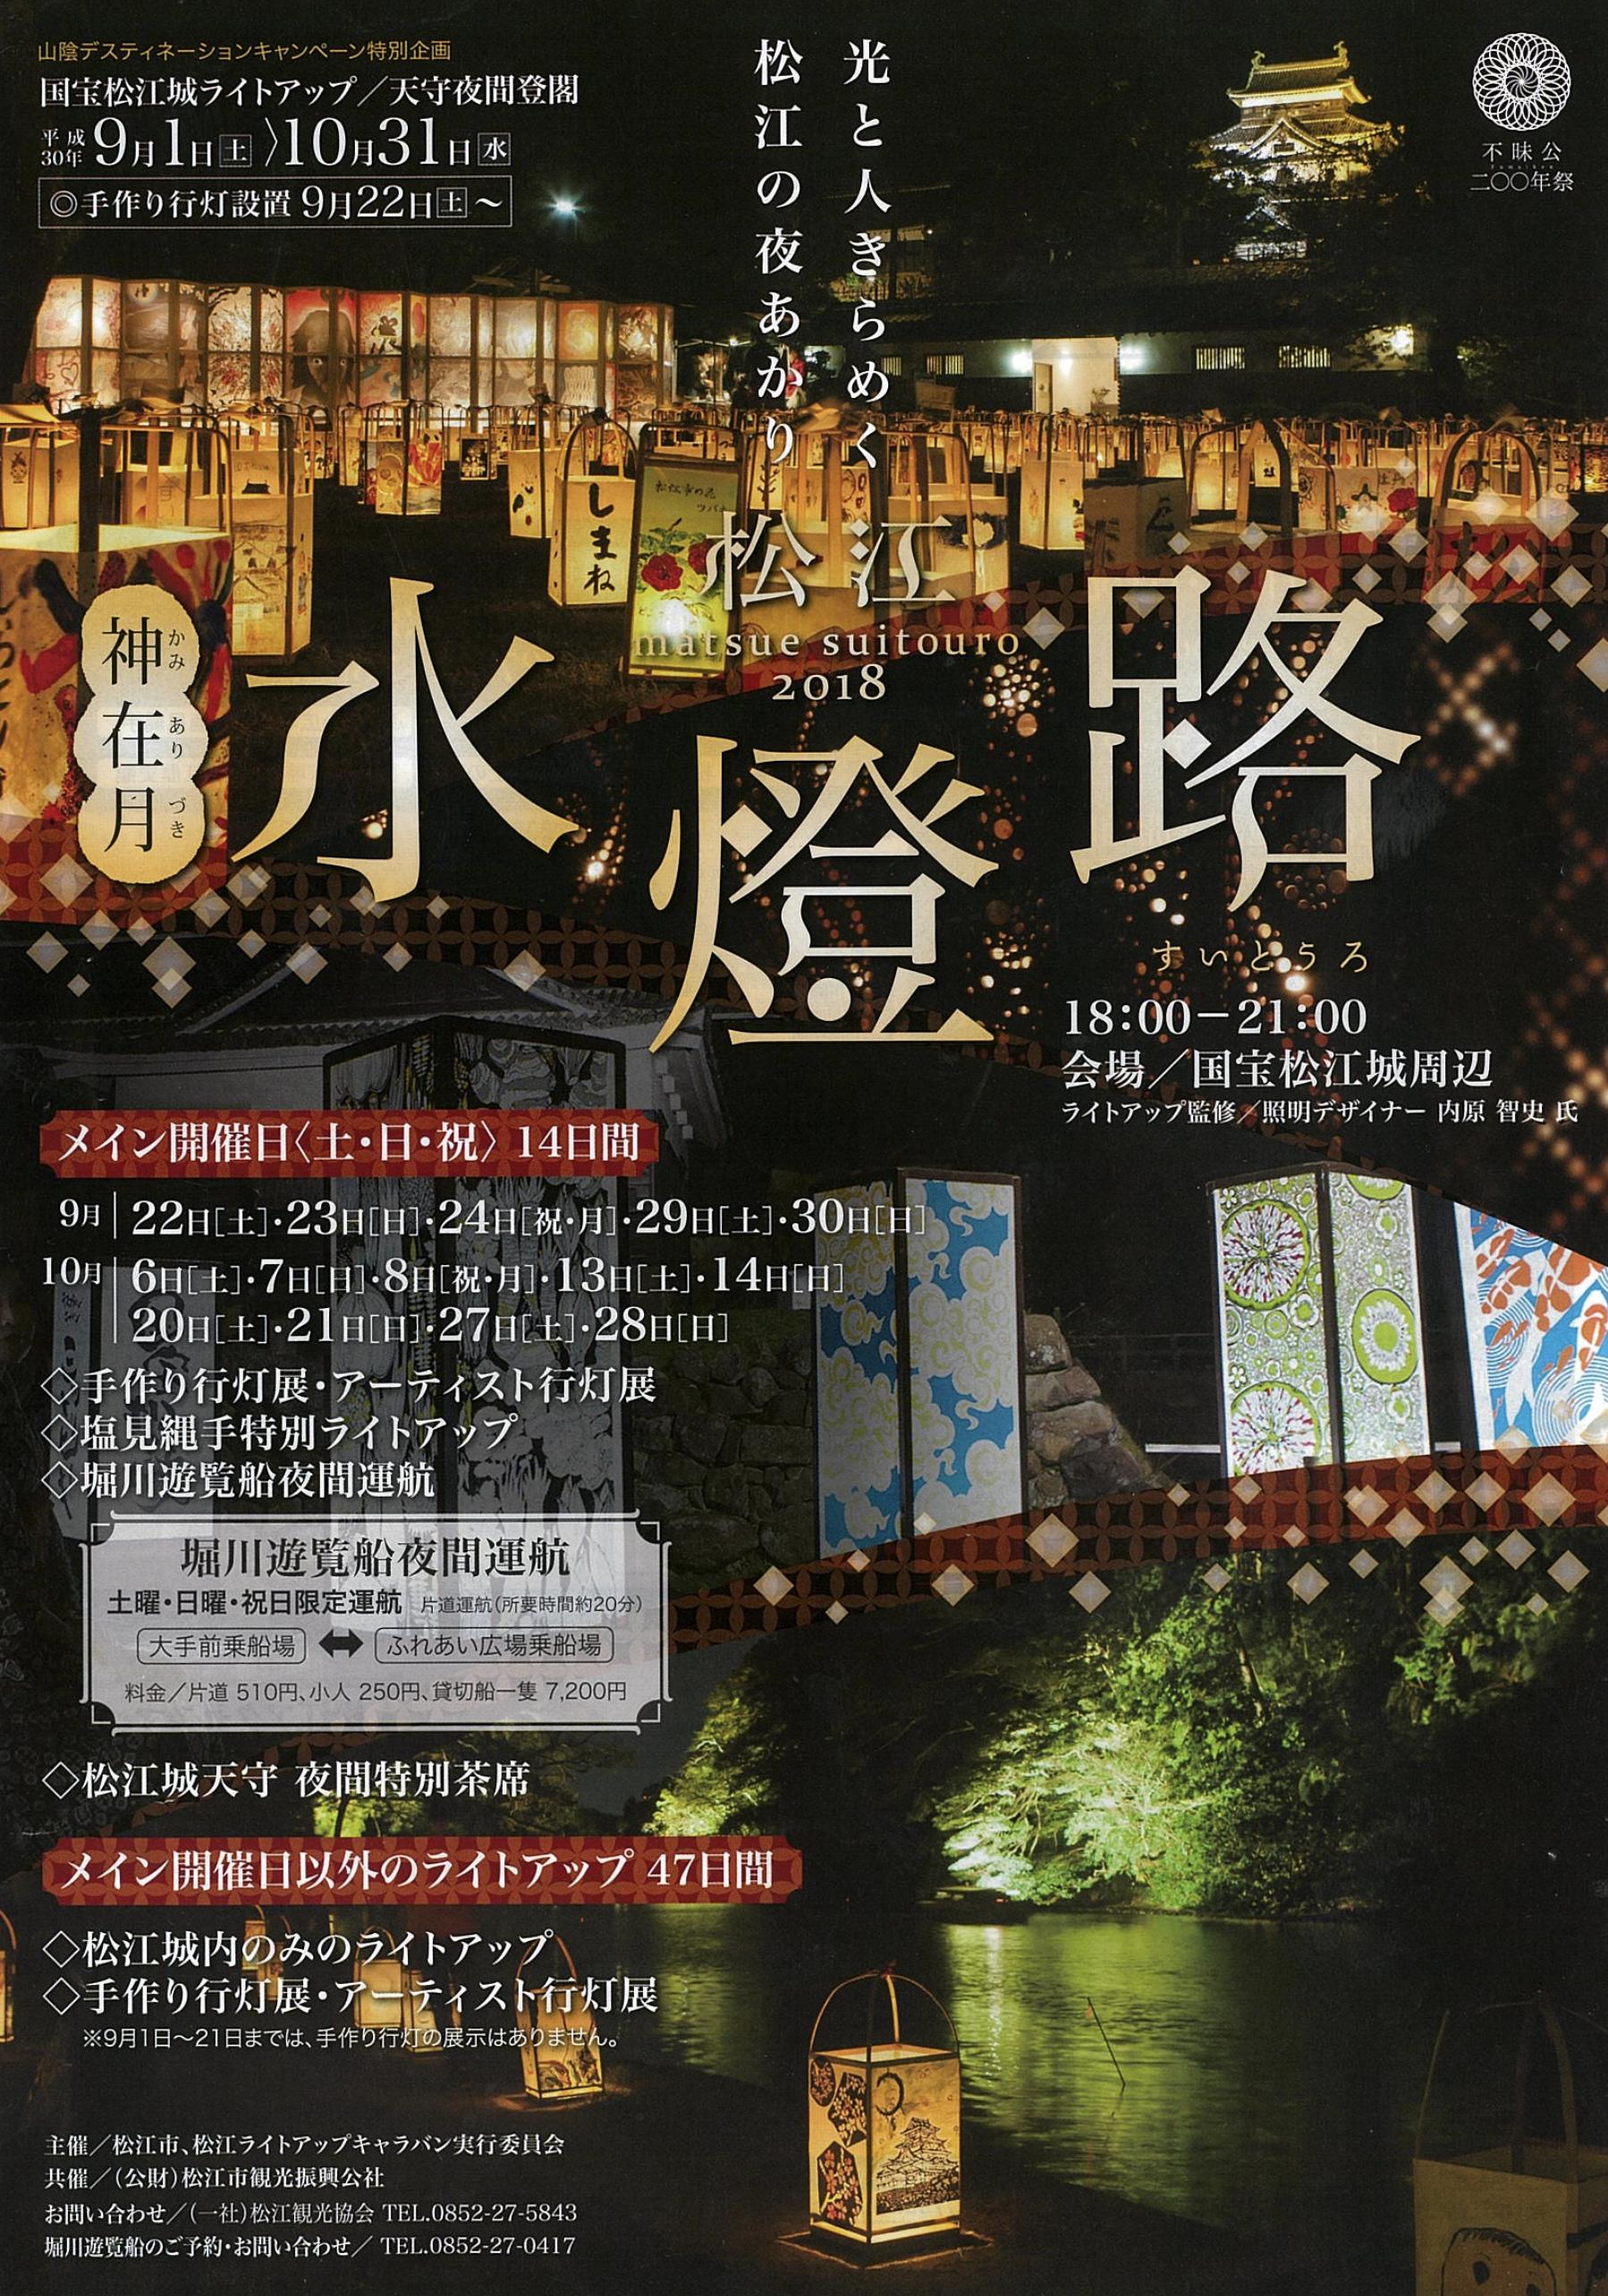 松江水燈路2018公式フライヤー